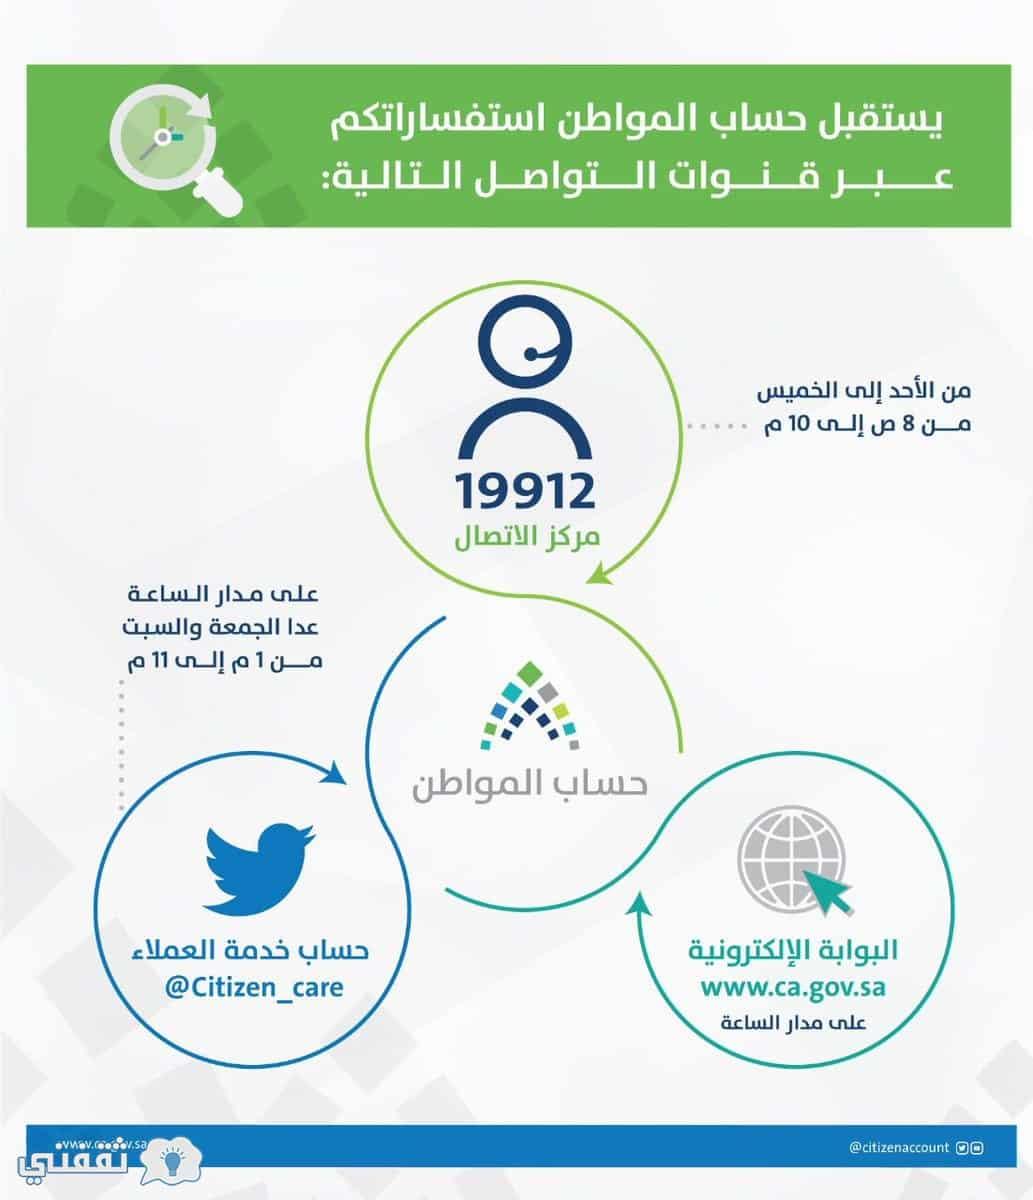 رقم تليفون حساب المواطن 1439 للاتصال  رابط دخول البوابة للتسجيل والاستعلام عن الأسماء